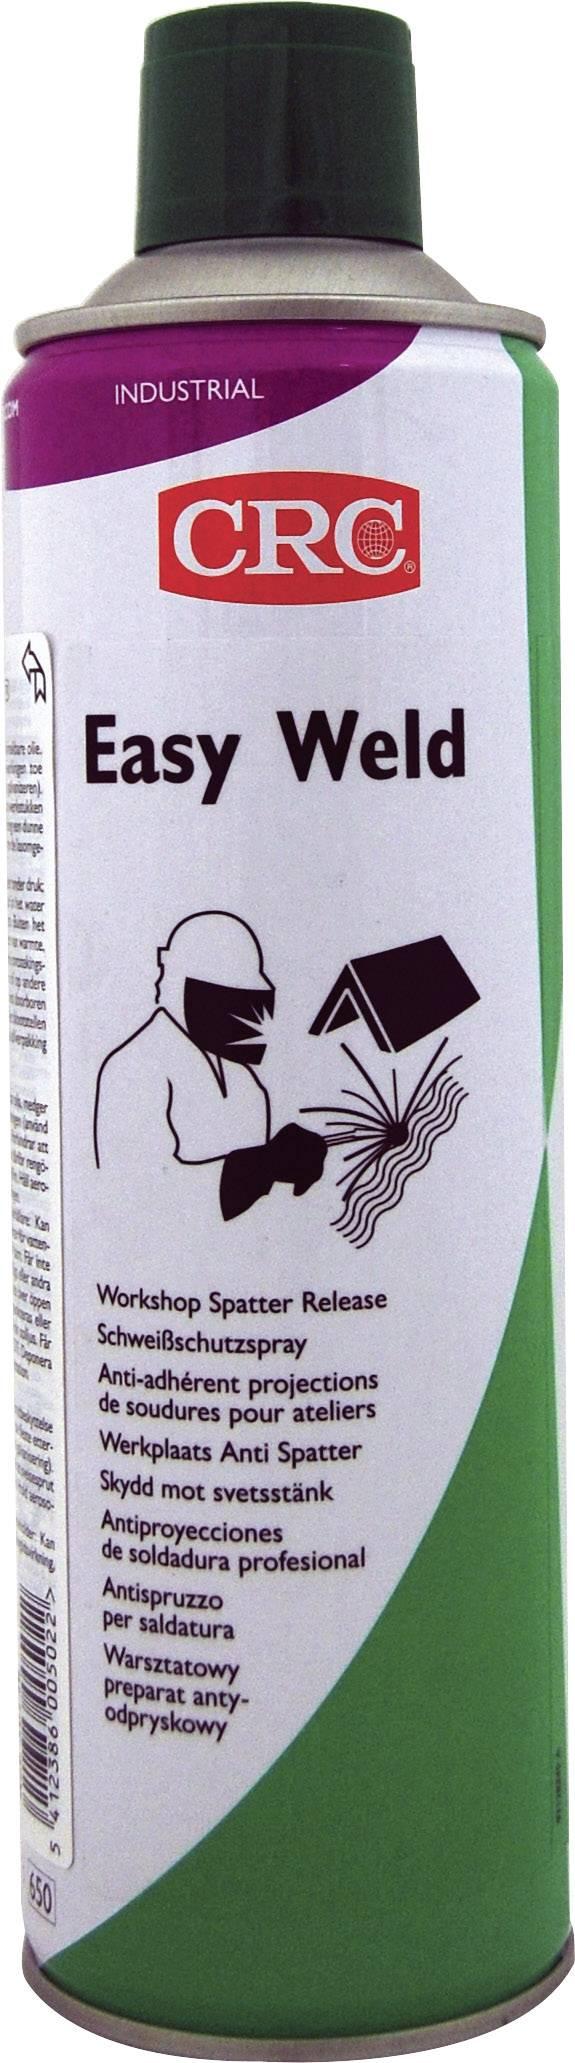 Separační prostředek pro svařování EASY WELD CRC 30738-AB